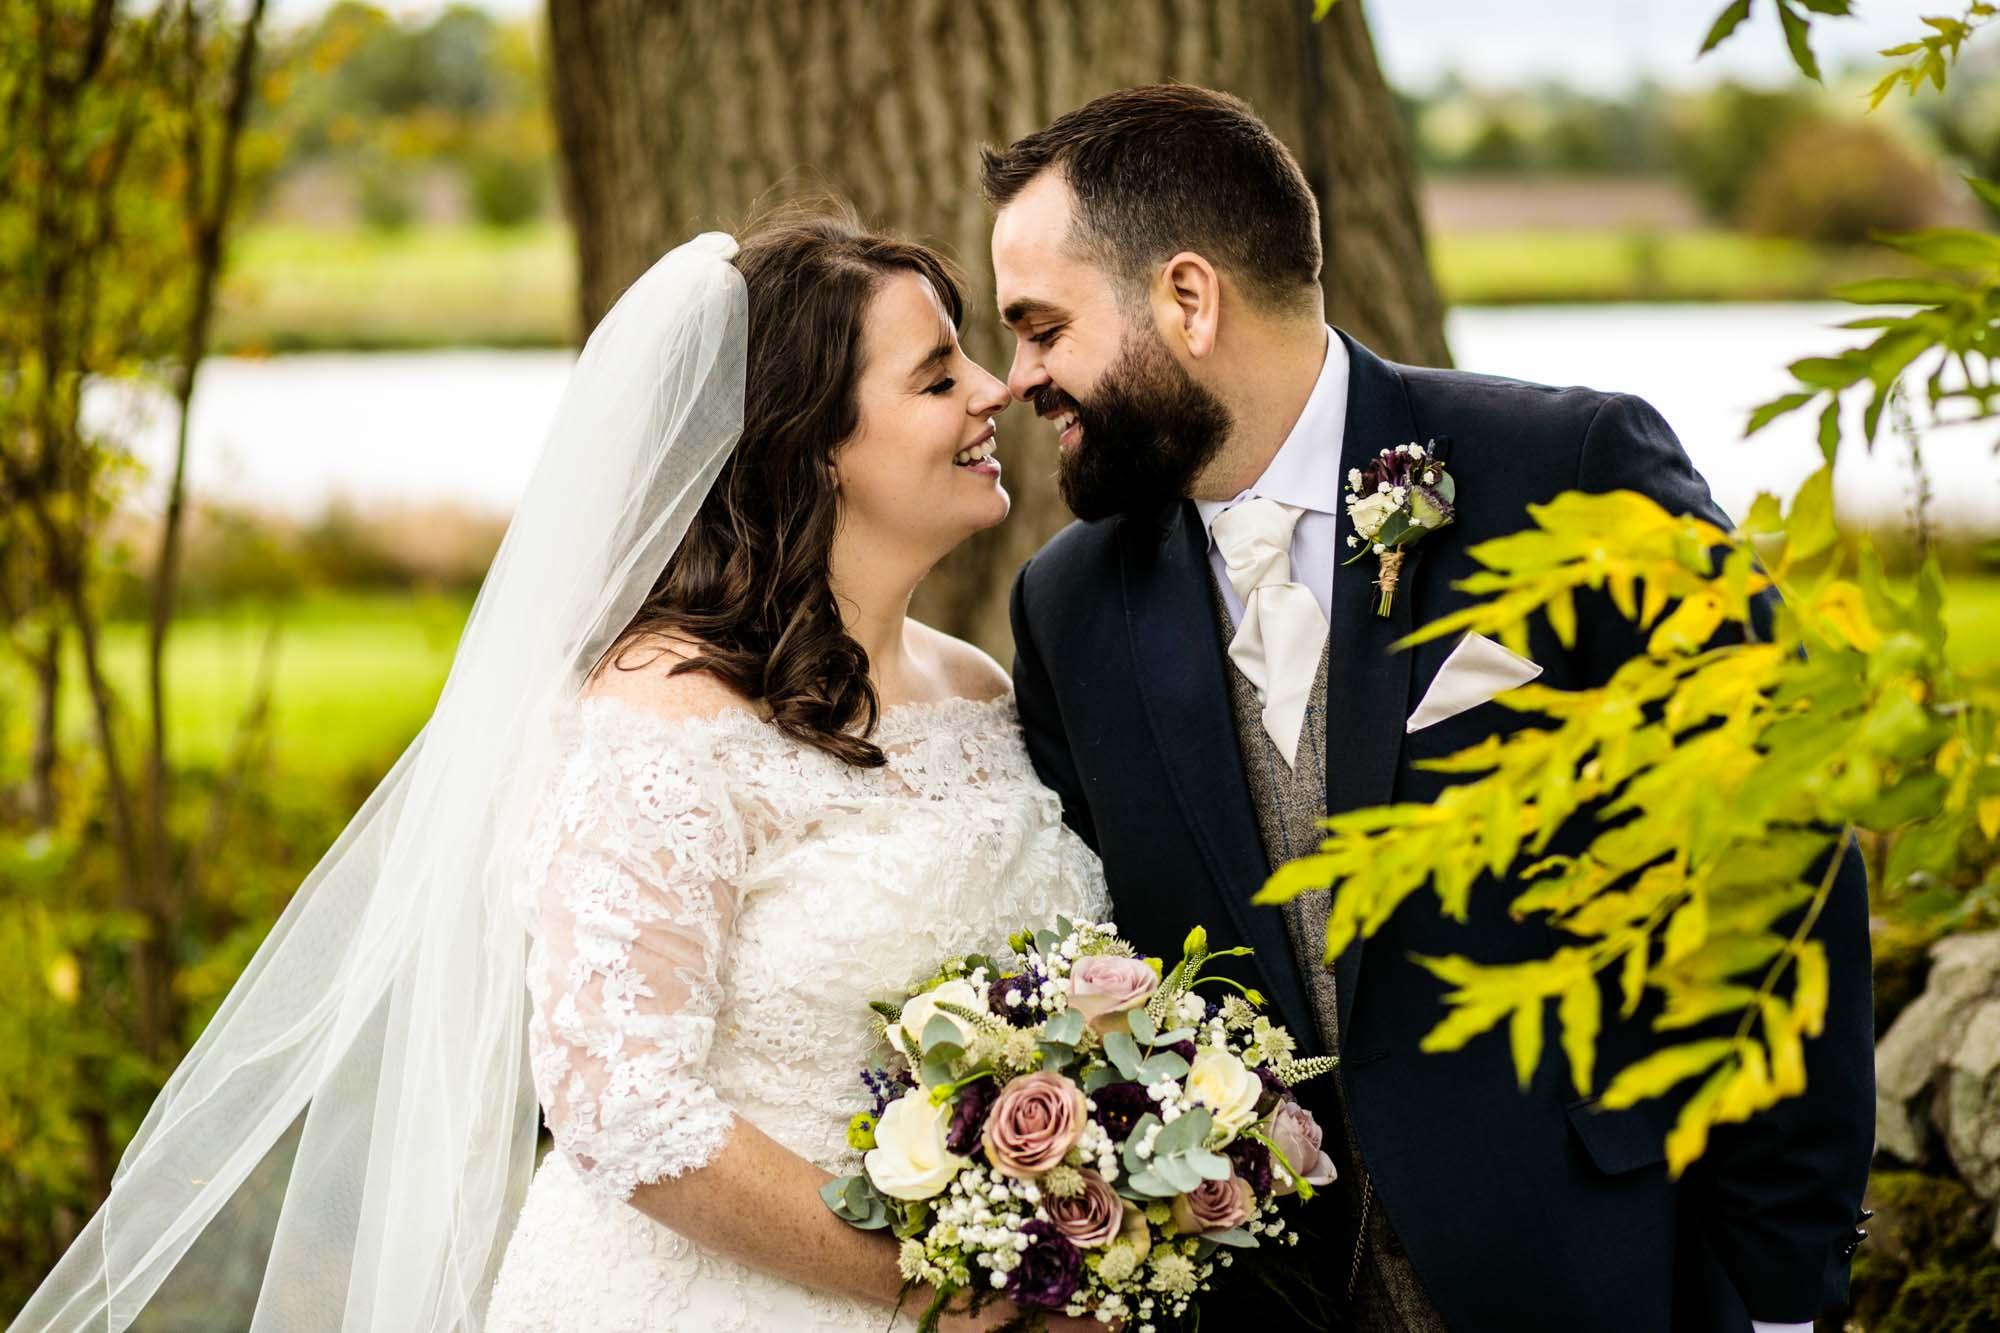 The Ashes Barns Wedding Photos